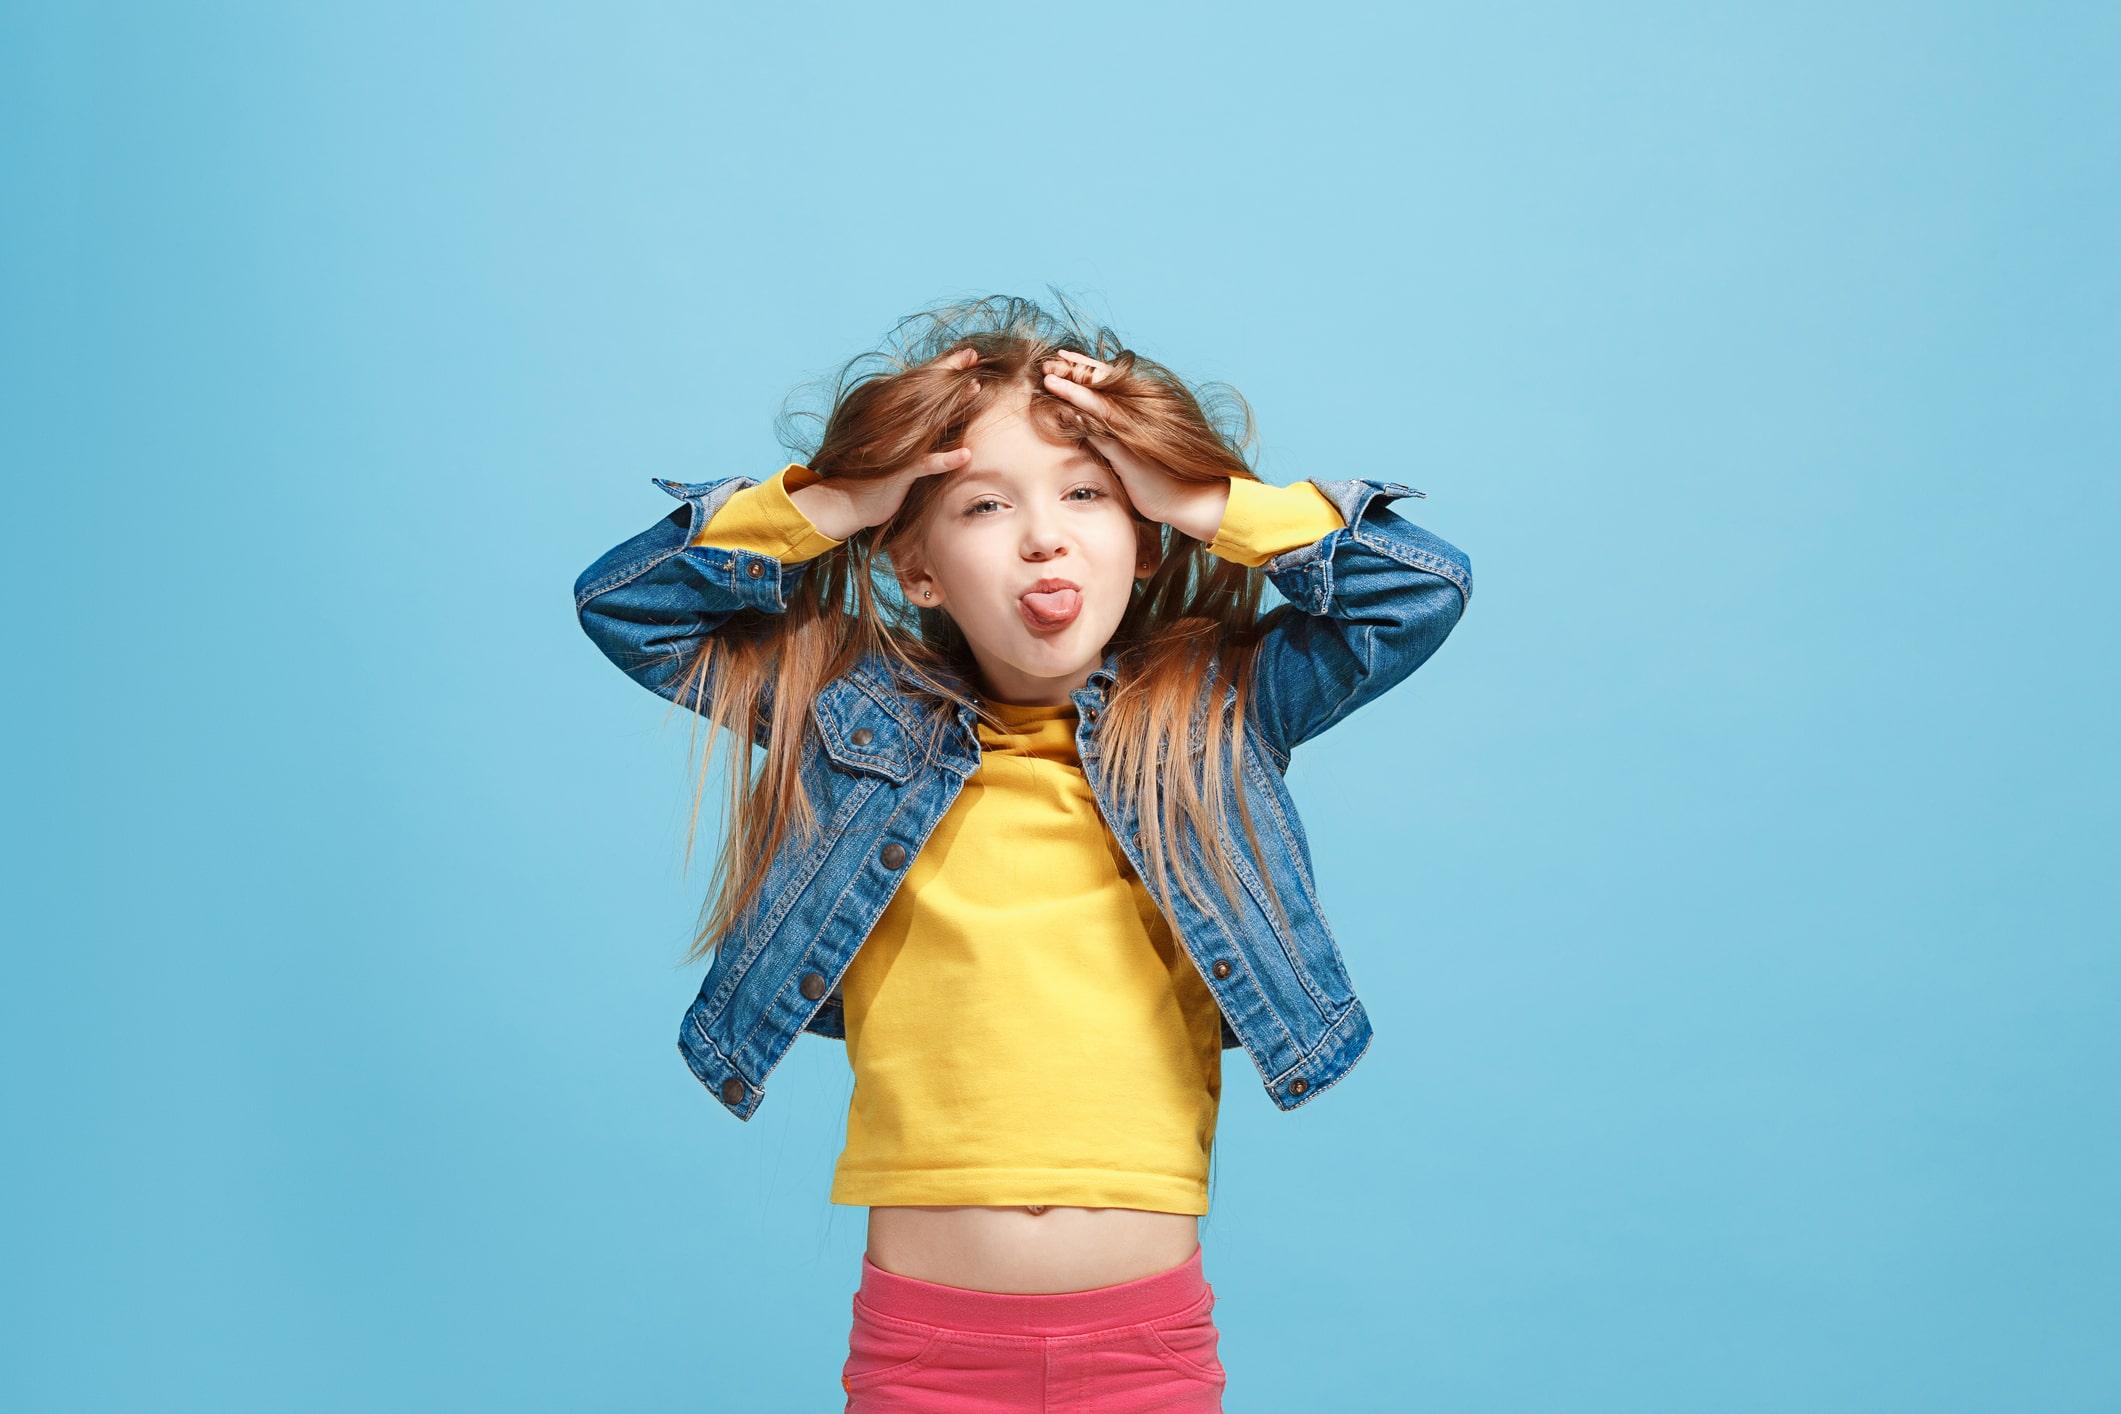 Síntomas del TDA más comunes. Detéctalo a tiempo en tus hijos